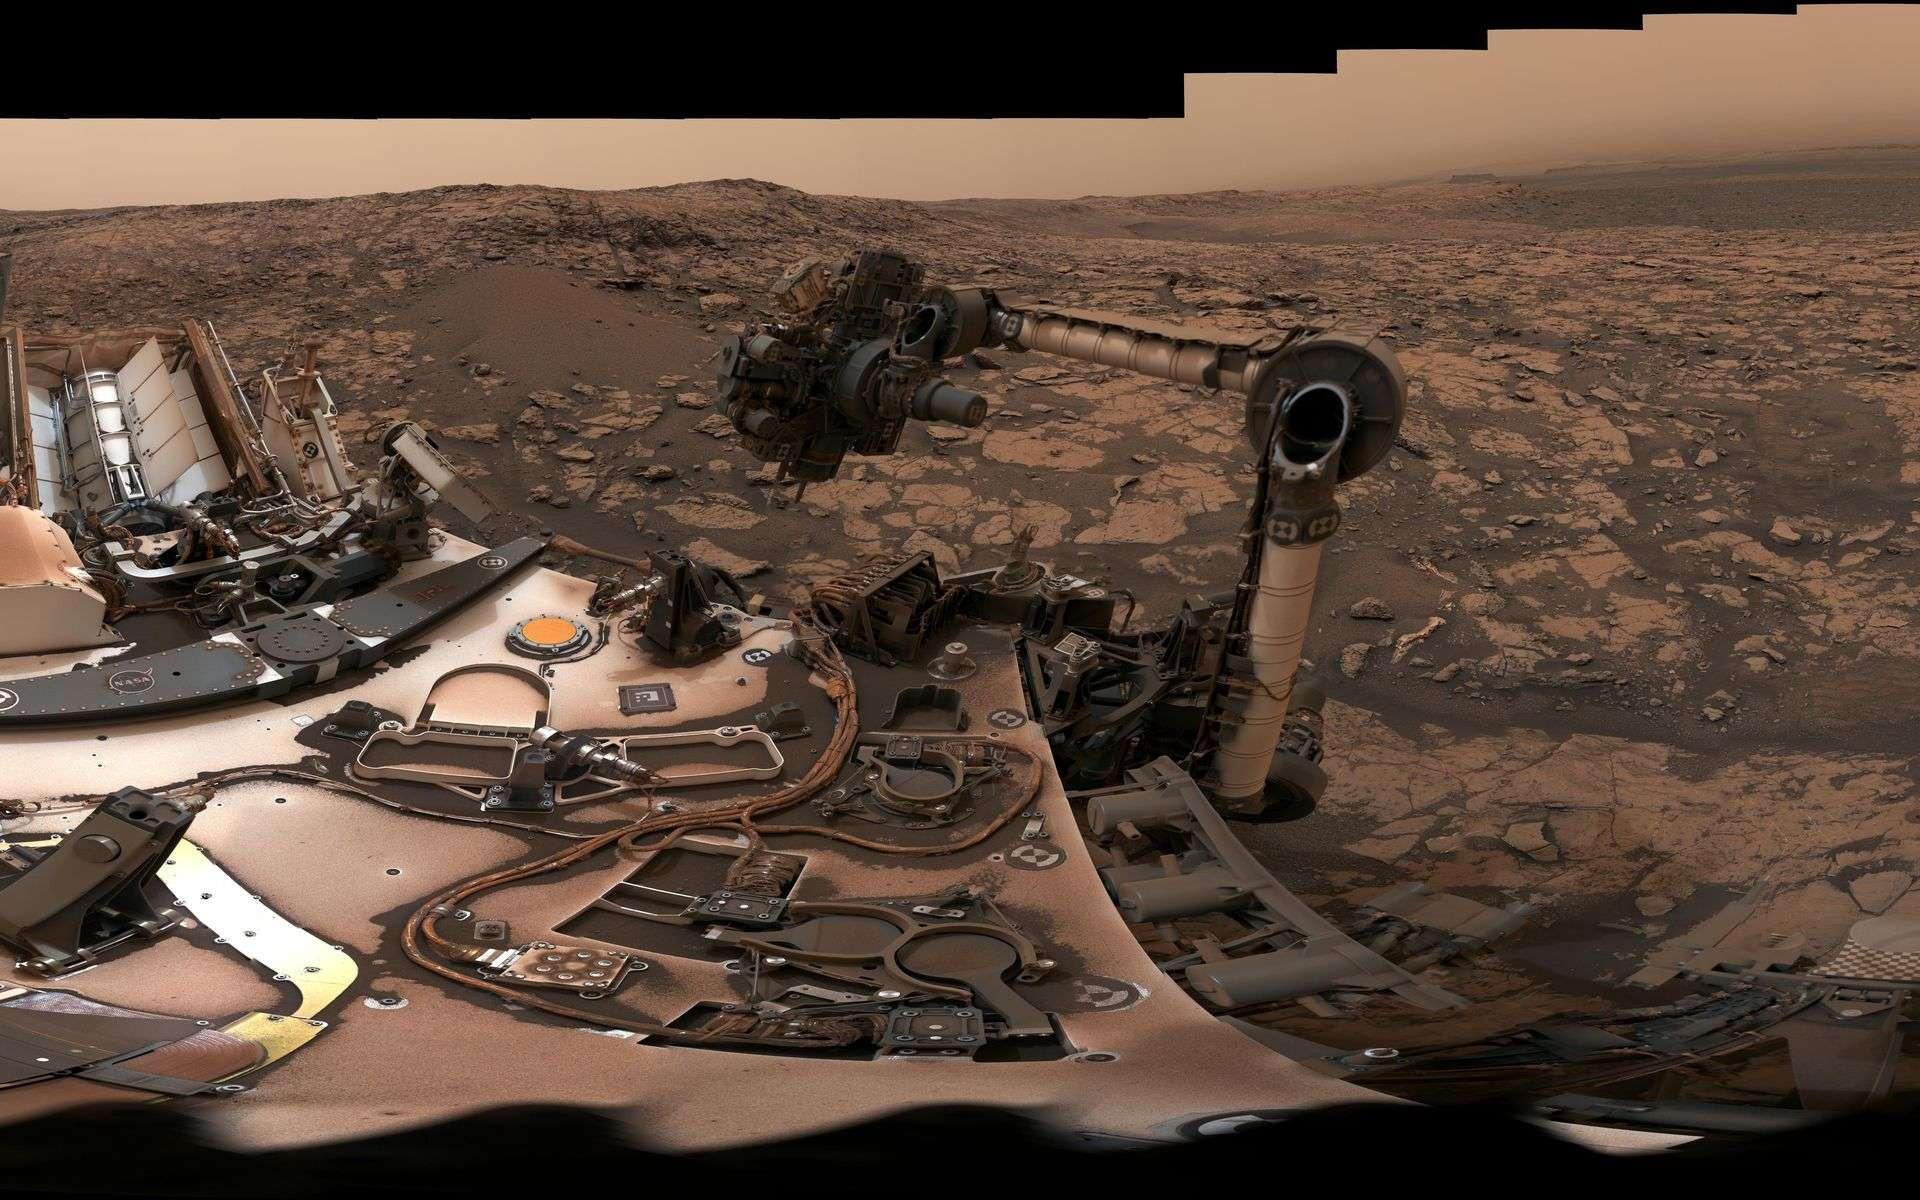 Vue panoramique à 360° prise par Curiosity le 9 août 2018. La tempête globale qui a duré plus de deux mois terrestres a couvert le rover de poussière. À ses pieds, devant le damier, on aperçoit le forage « Stoer ». © Nasa, JPL-Caltech, MSSS